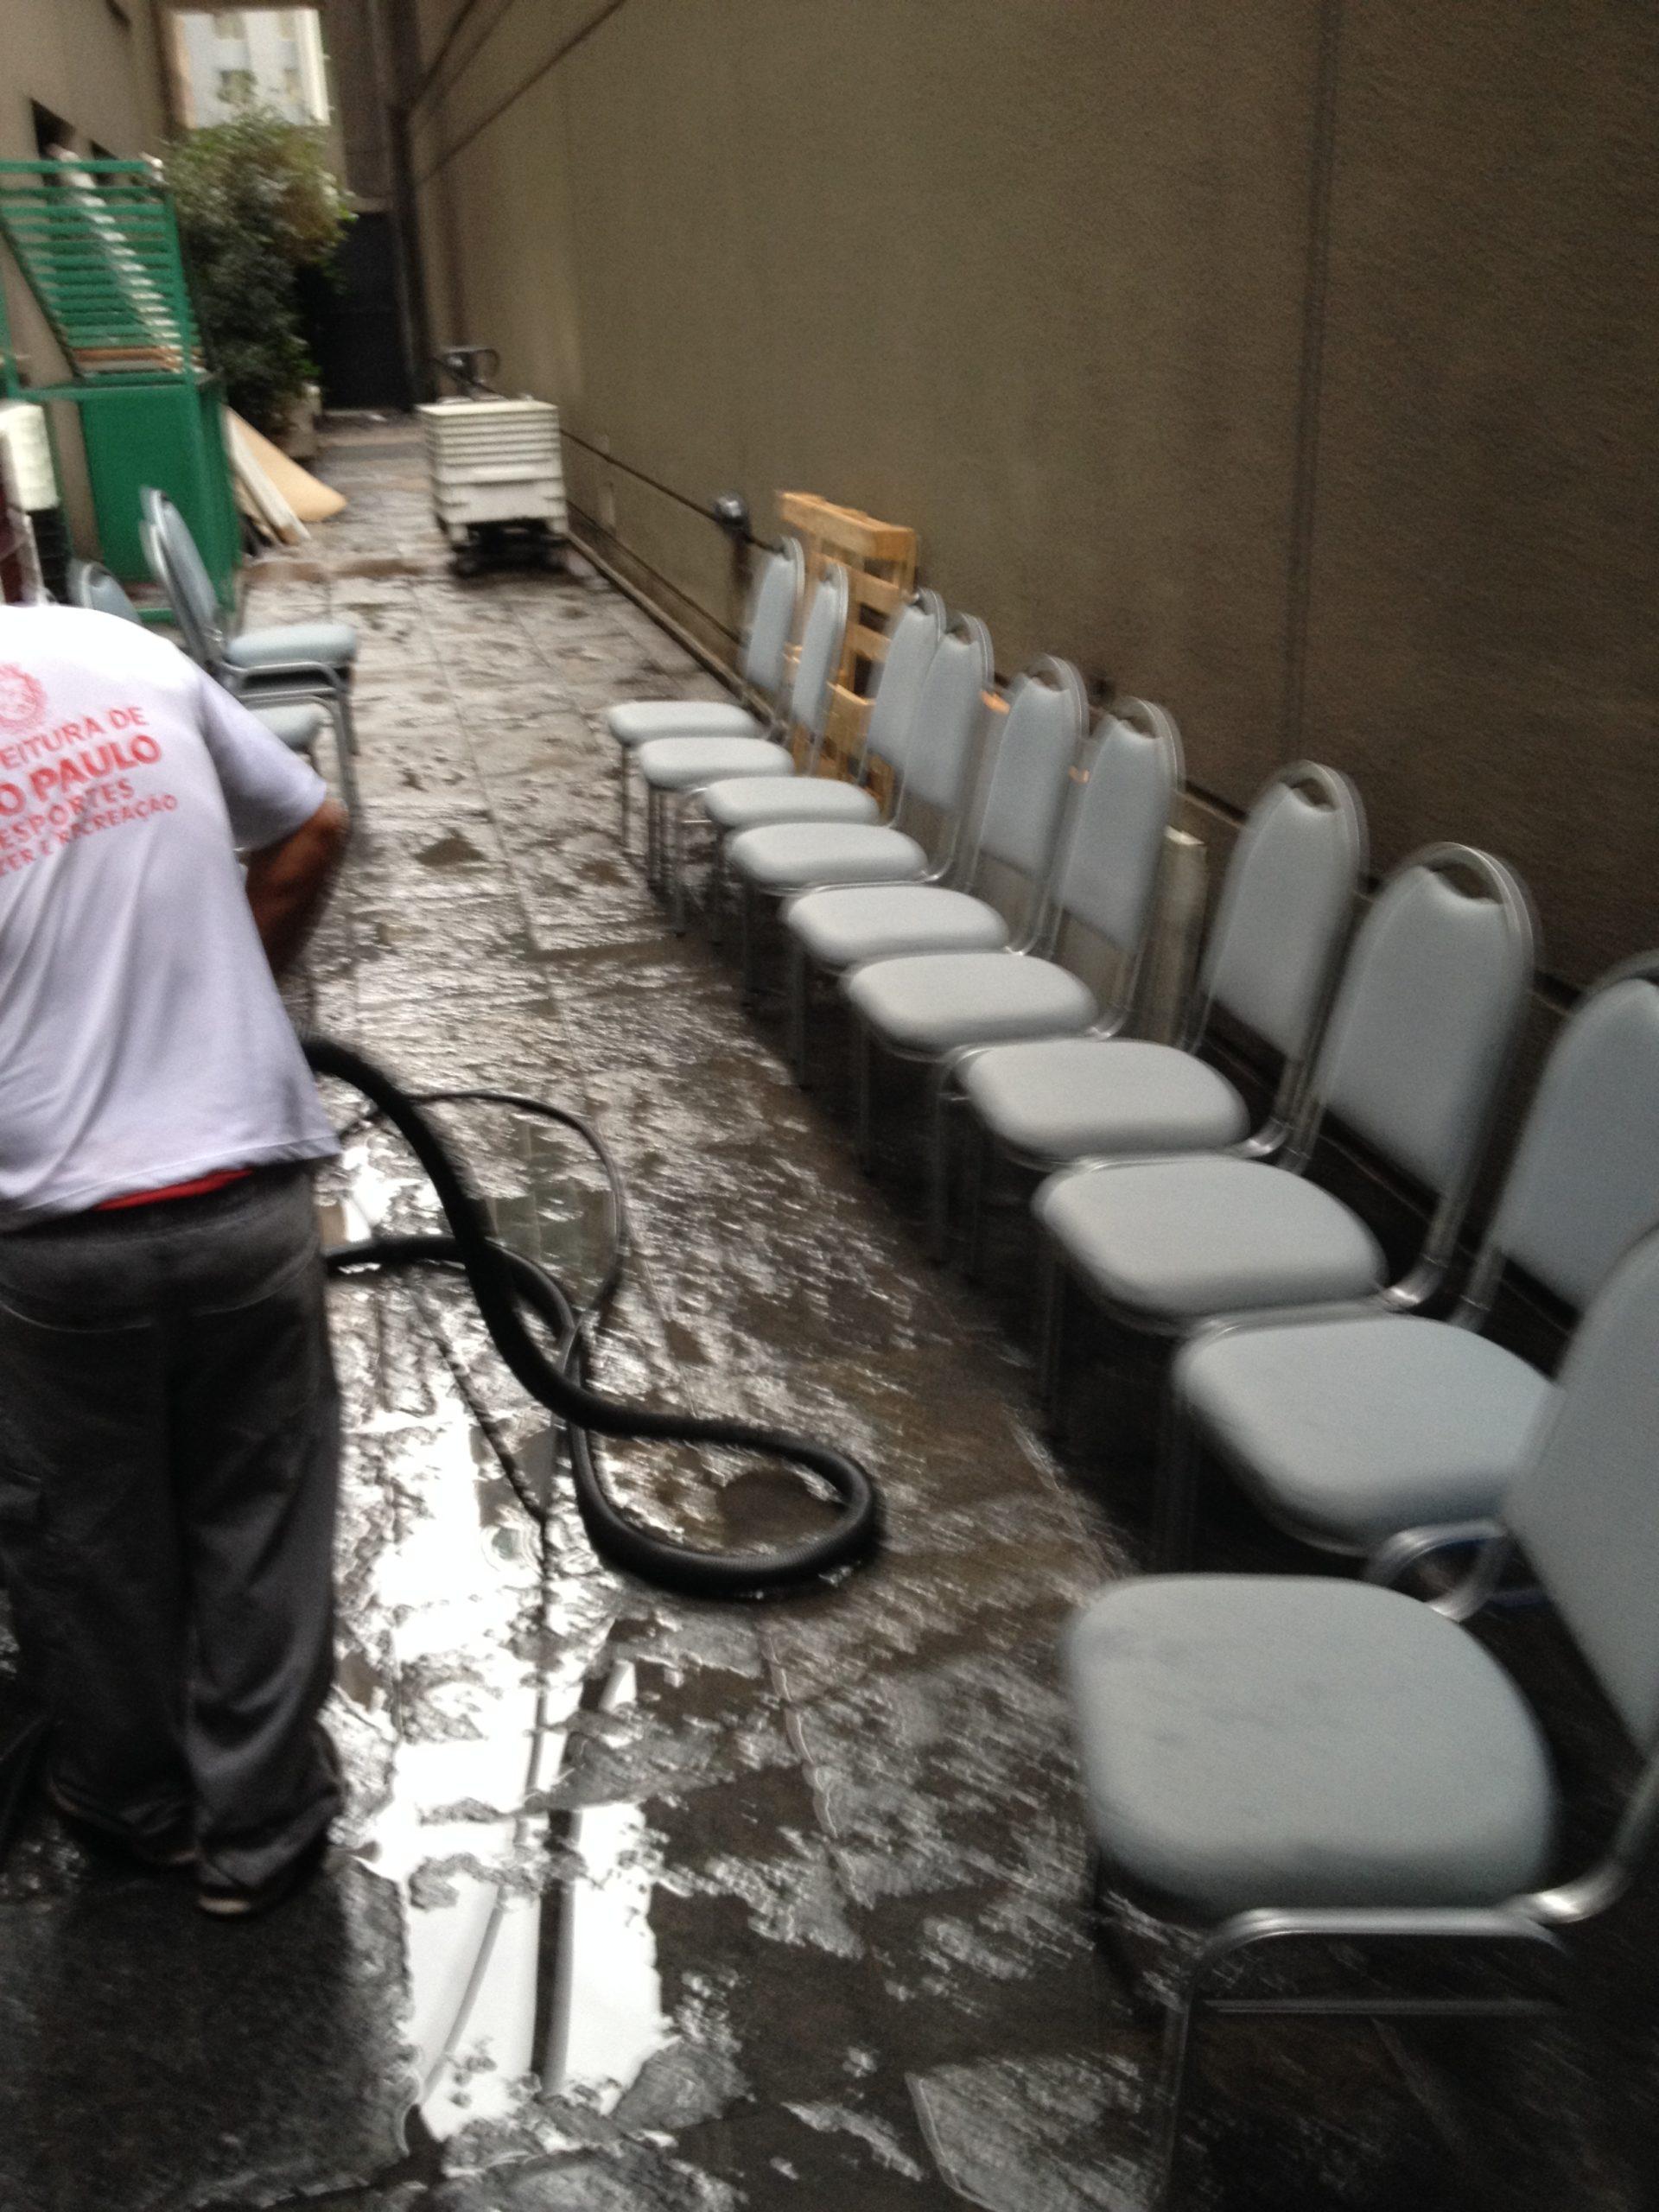 HIGIENIZAÇÃO DE CADEIRAS limpeza de cadeiras